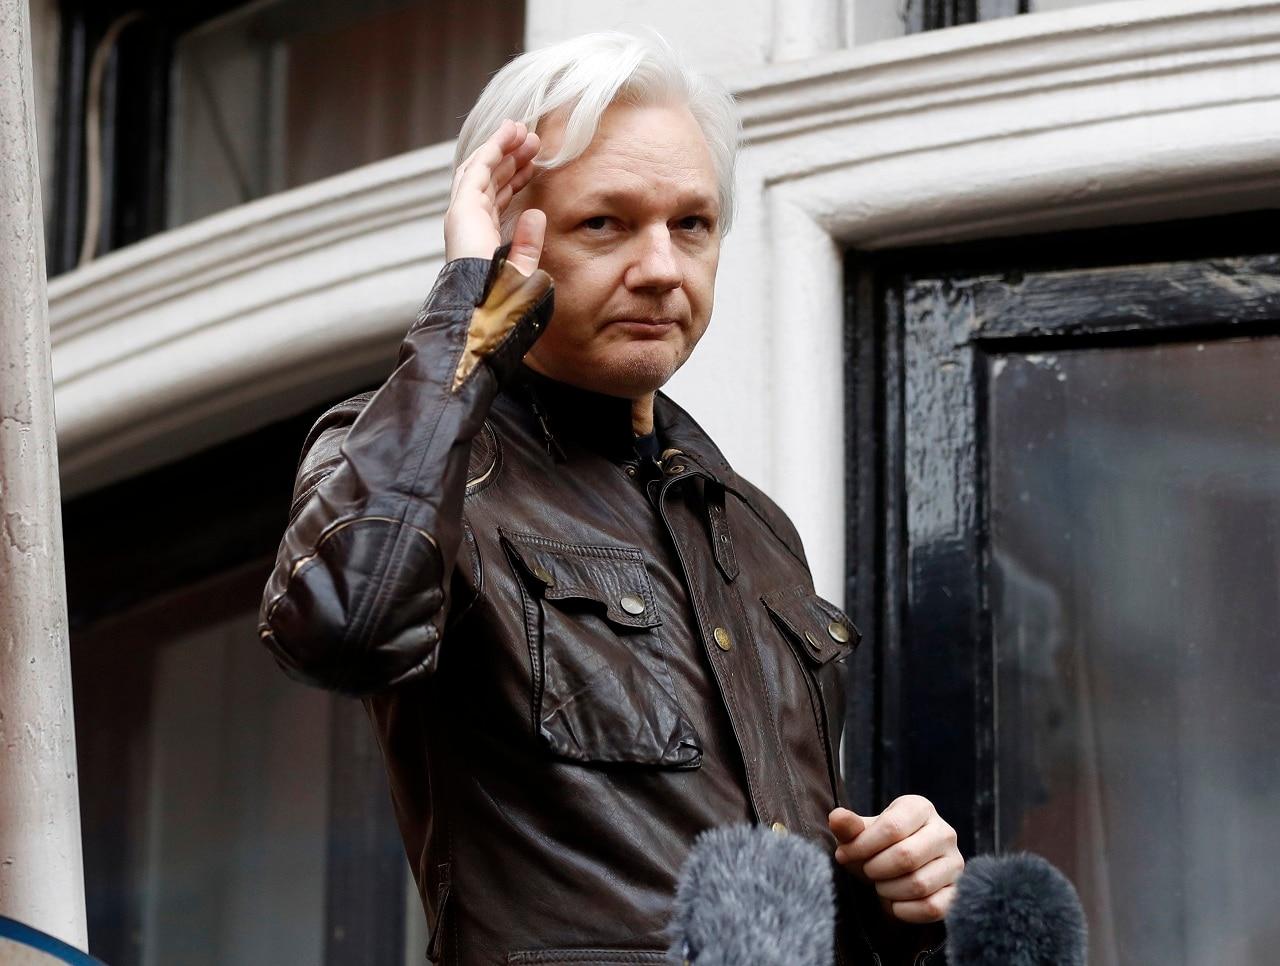 WikiLeaks founder Julian Assange on a balcony of the Ecuadorian embassy in London.